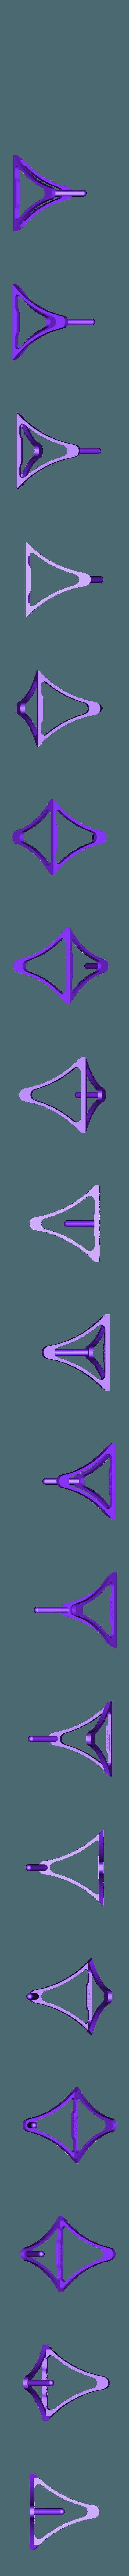 Spool_Holder.stl Download free STL file 1 piece smart filament spool holder • 3D printer model, niceandeasy